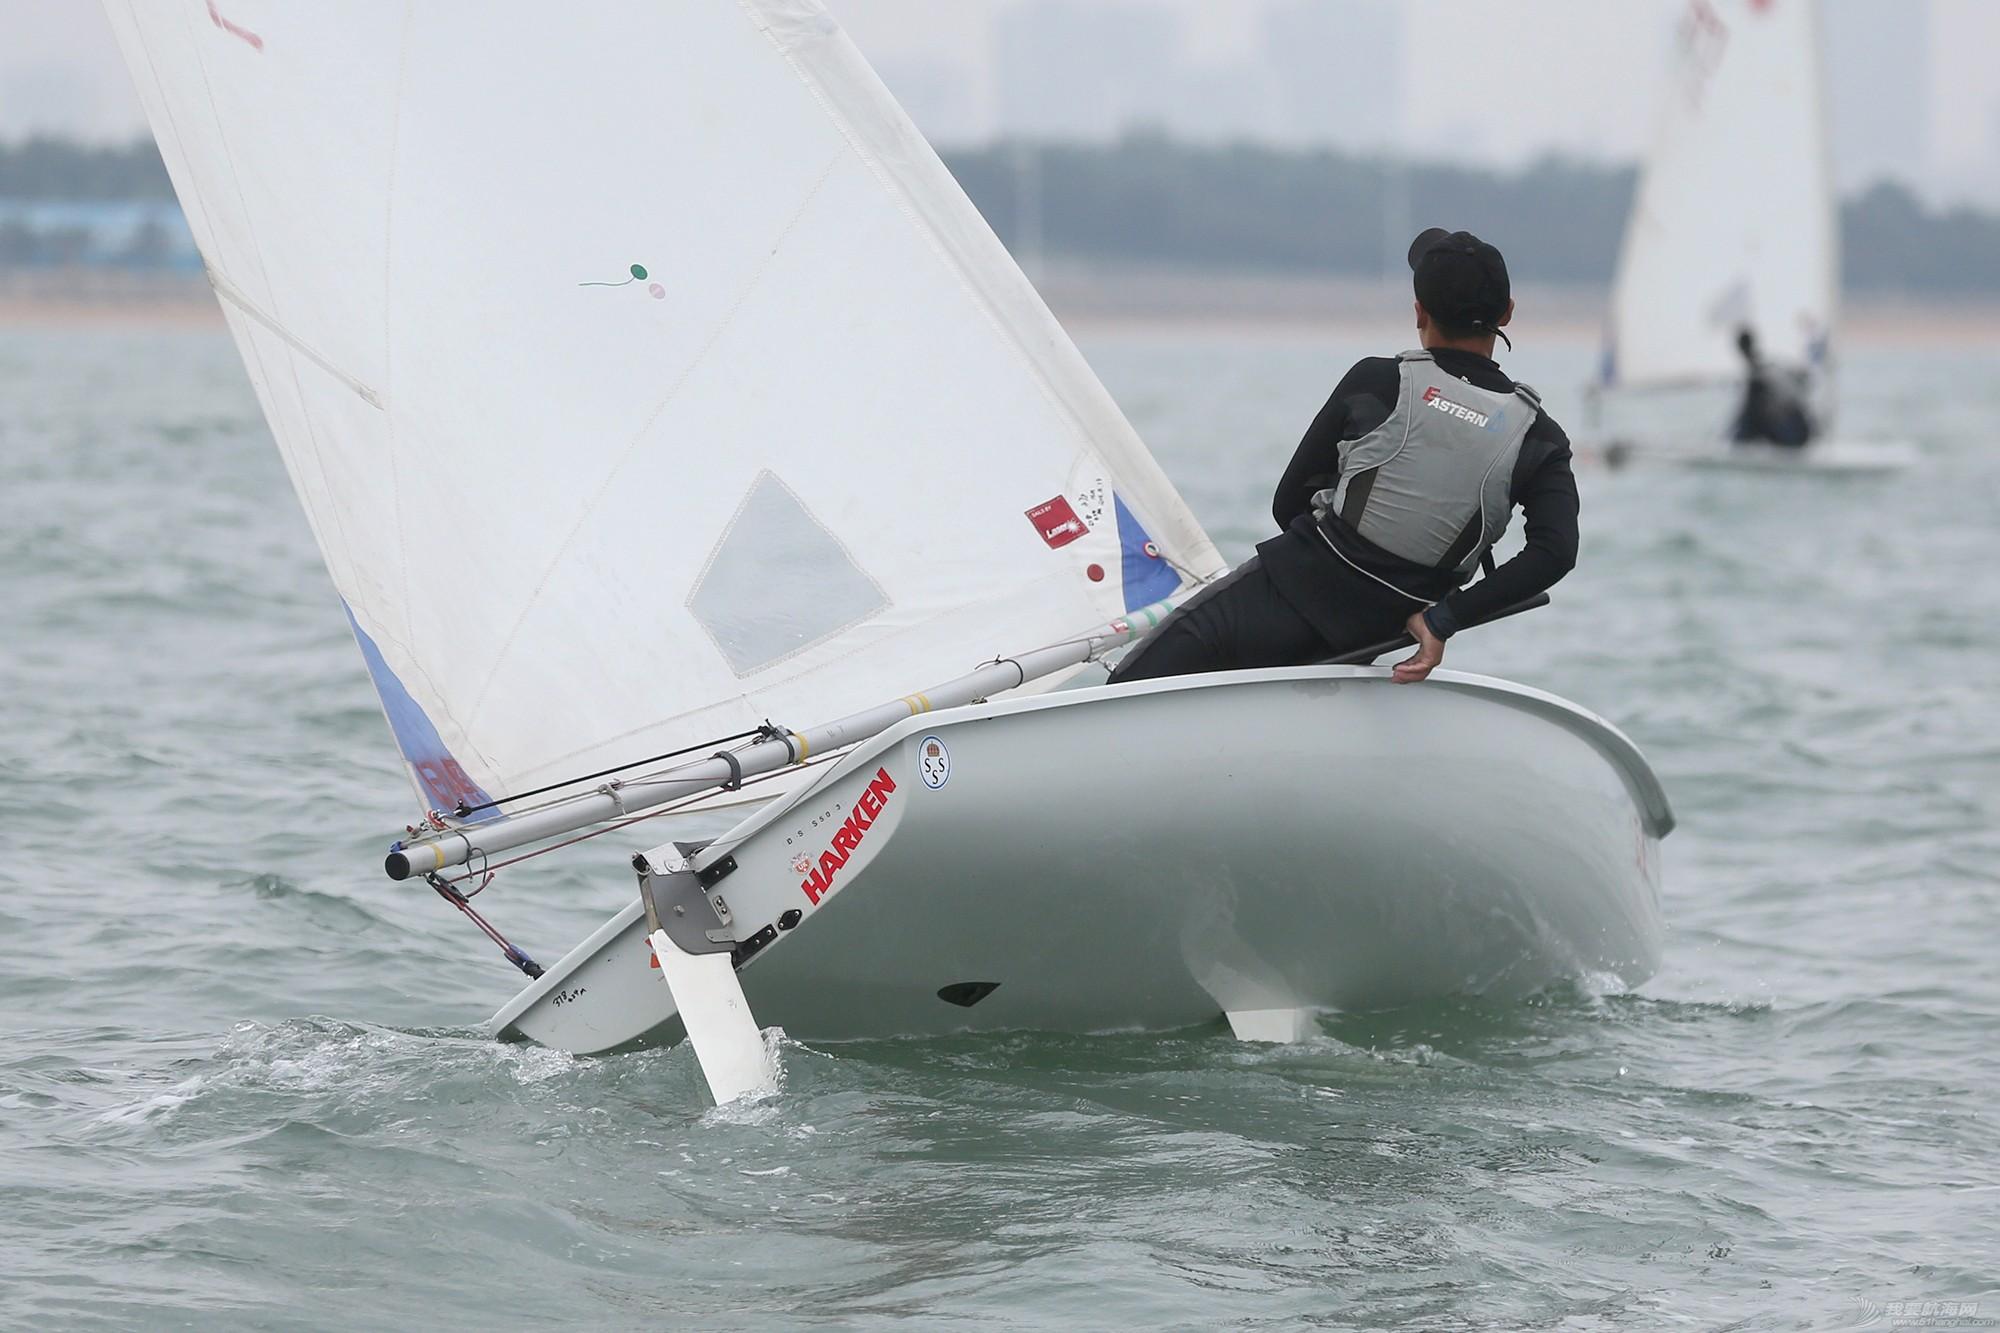 山东省,运动员,冠军赛,天气,帆板 风生水起,怎奈个个都是浪里白条——山东省帆船帆板冠军赛第二天赛况 5V8A3067副本.jpg